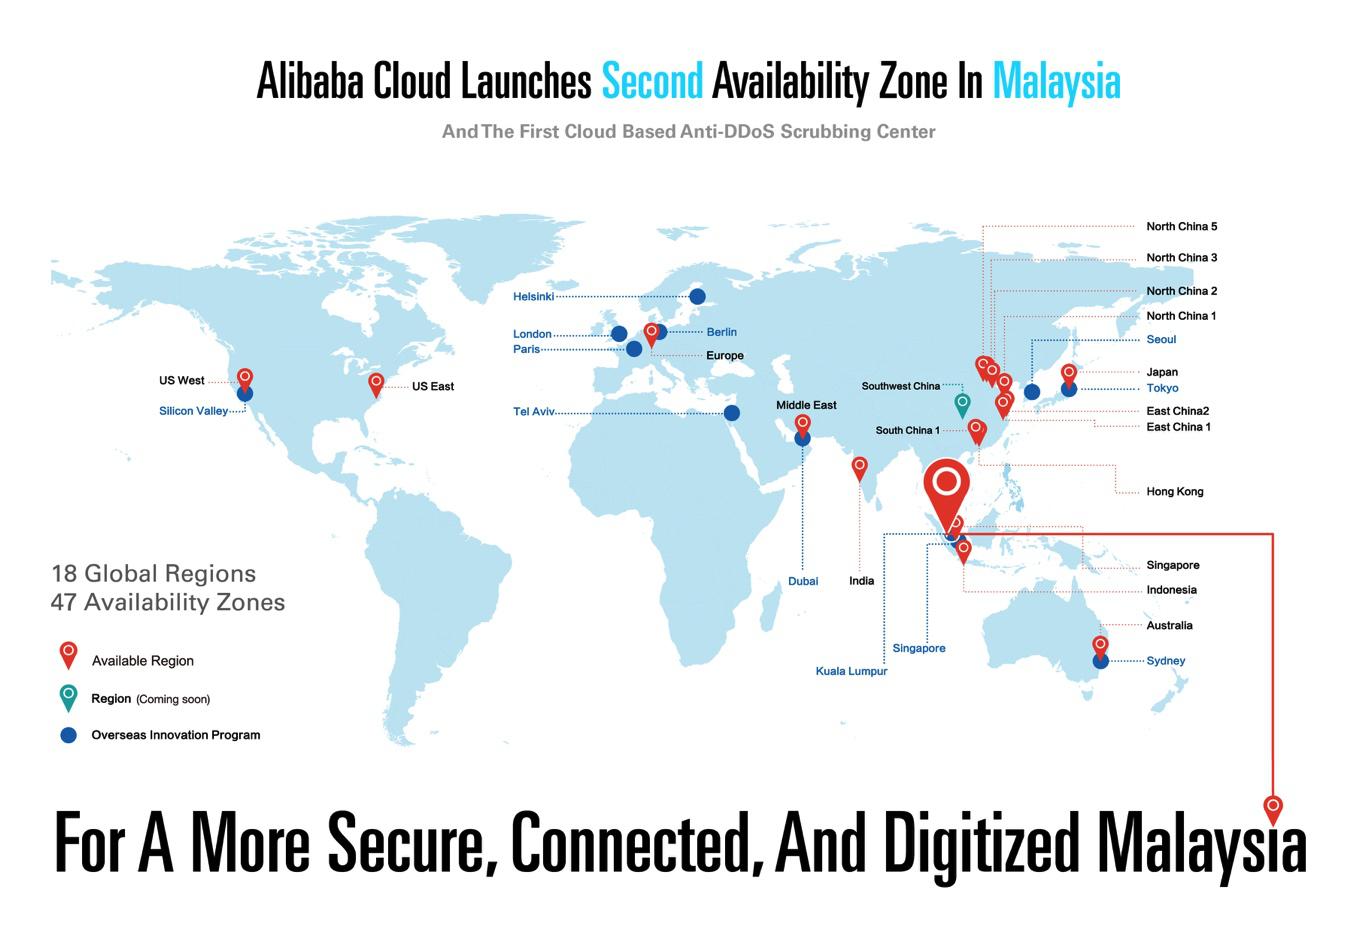 【企服观察】阿里云持续投资马来西亚,开放第二个可用区和第一个DDoS云清洗中心